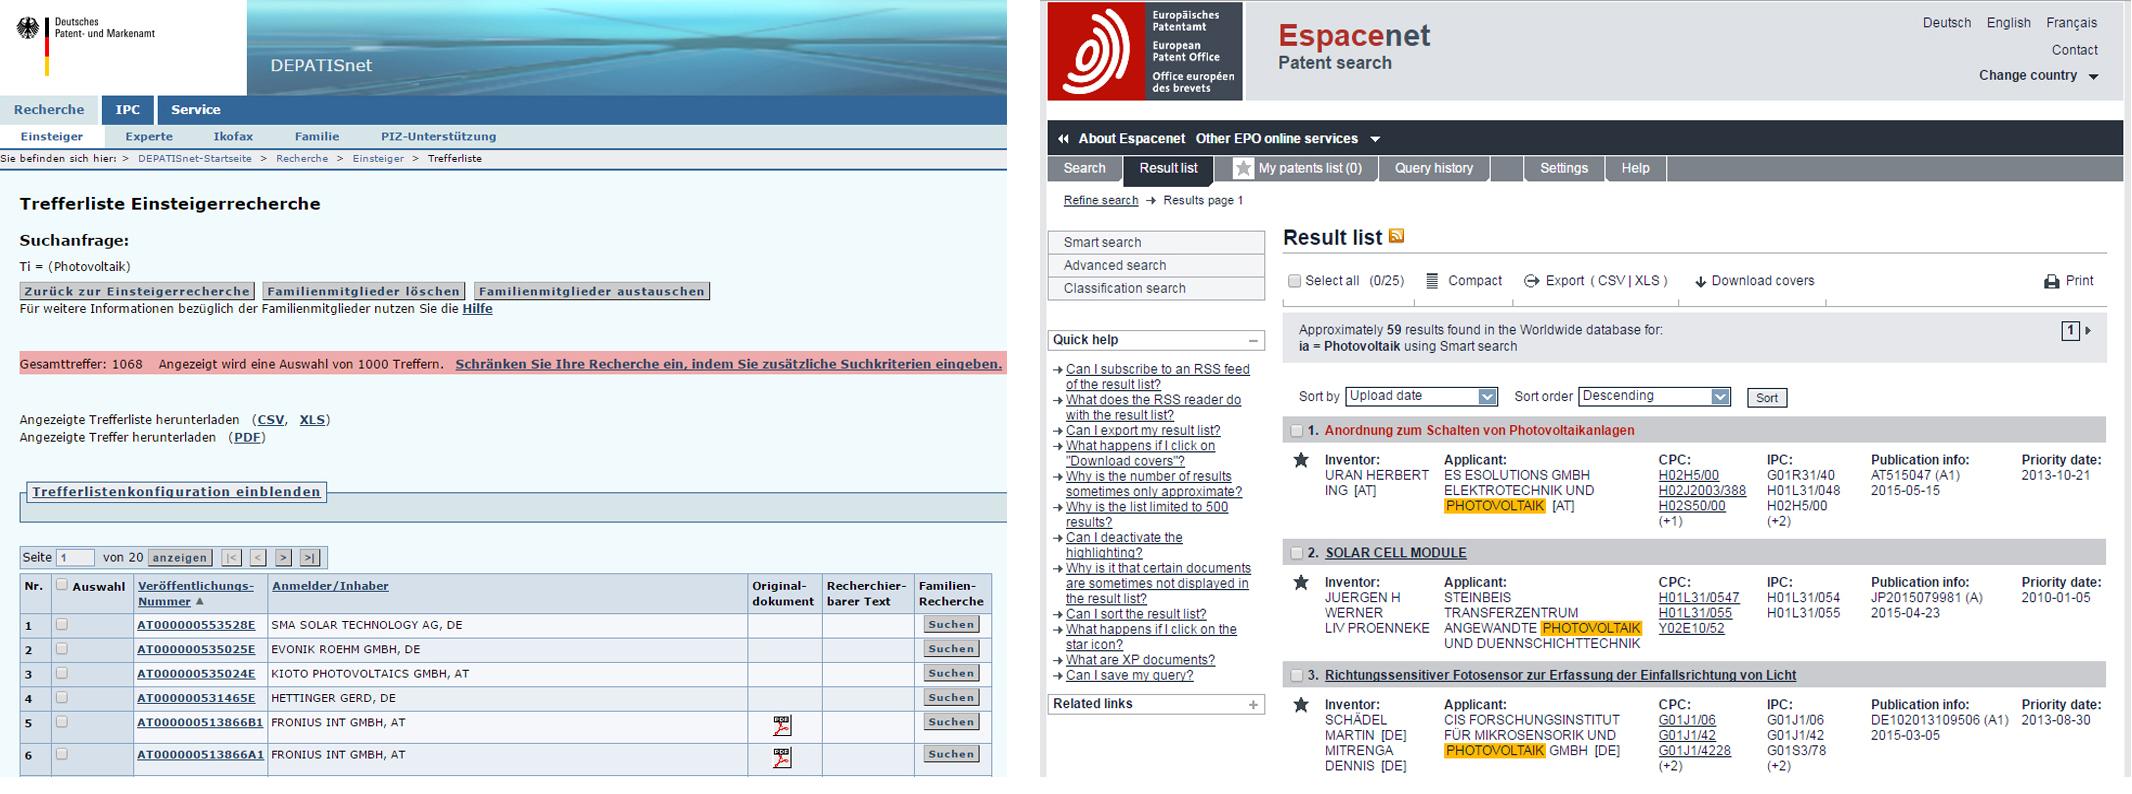 Vergleich_DEPATISnet_Espacenet_Suche